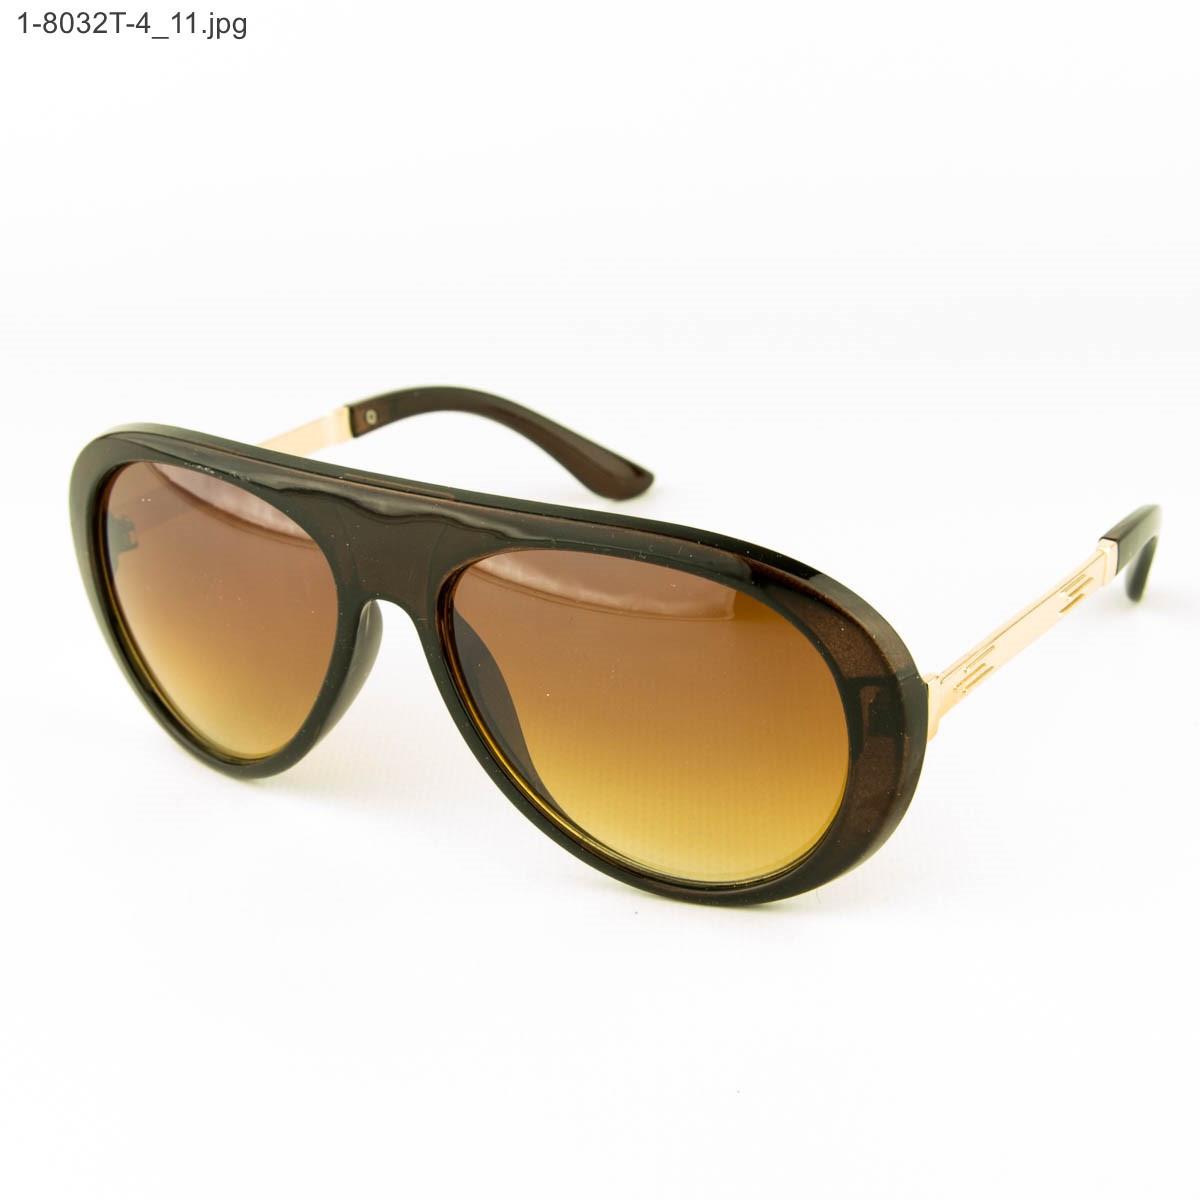 Оптом стильные солнцезащитные очки - Коричневые - 1-8032Т-4